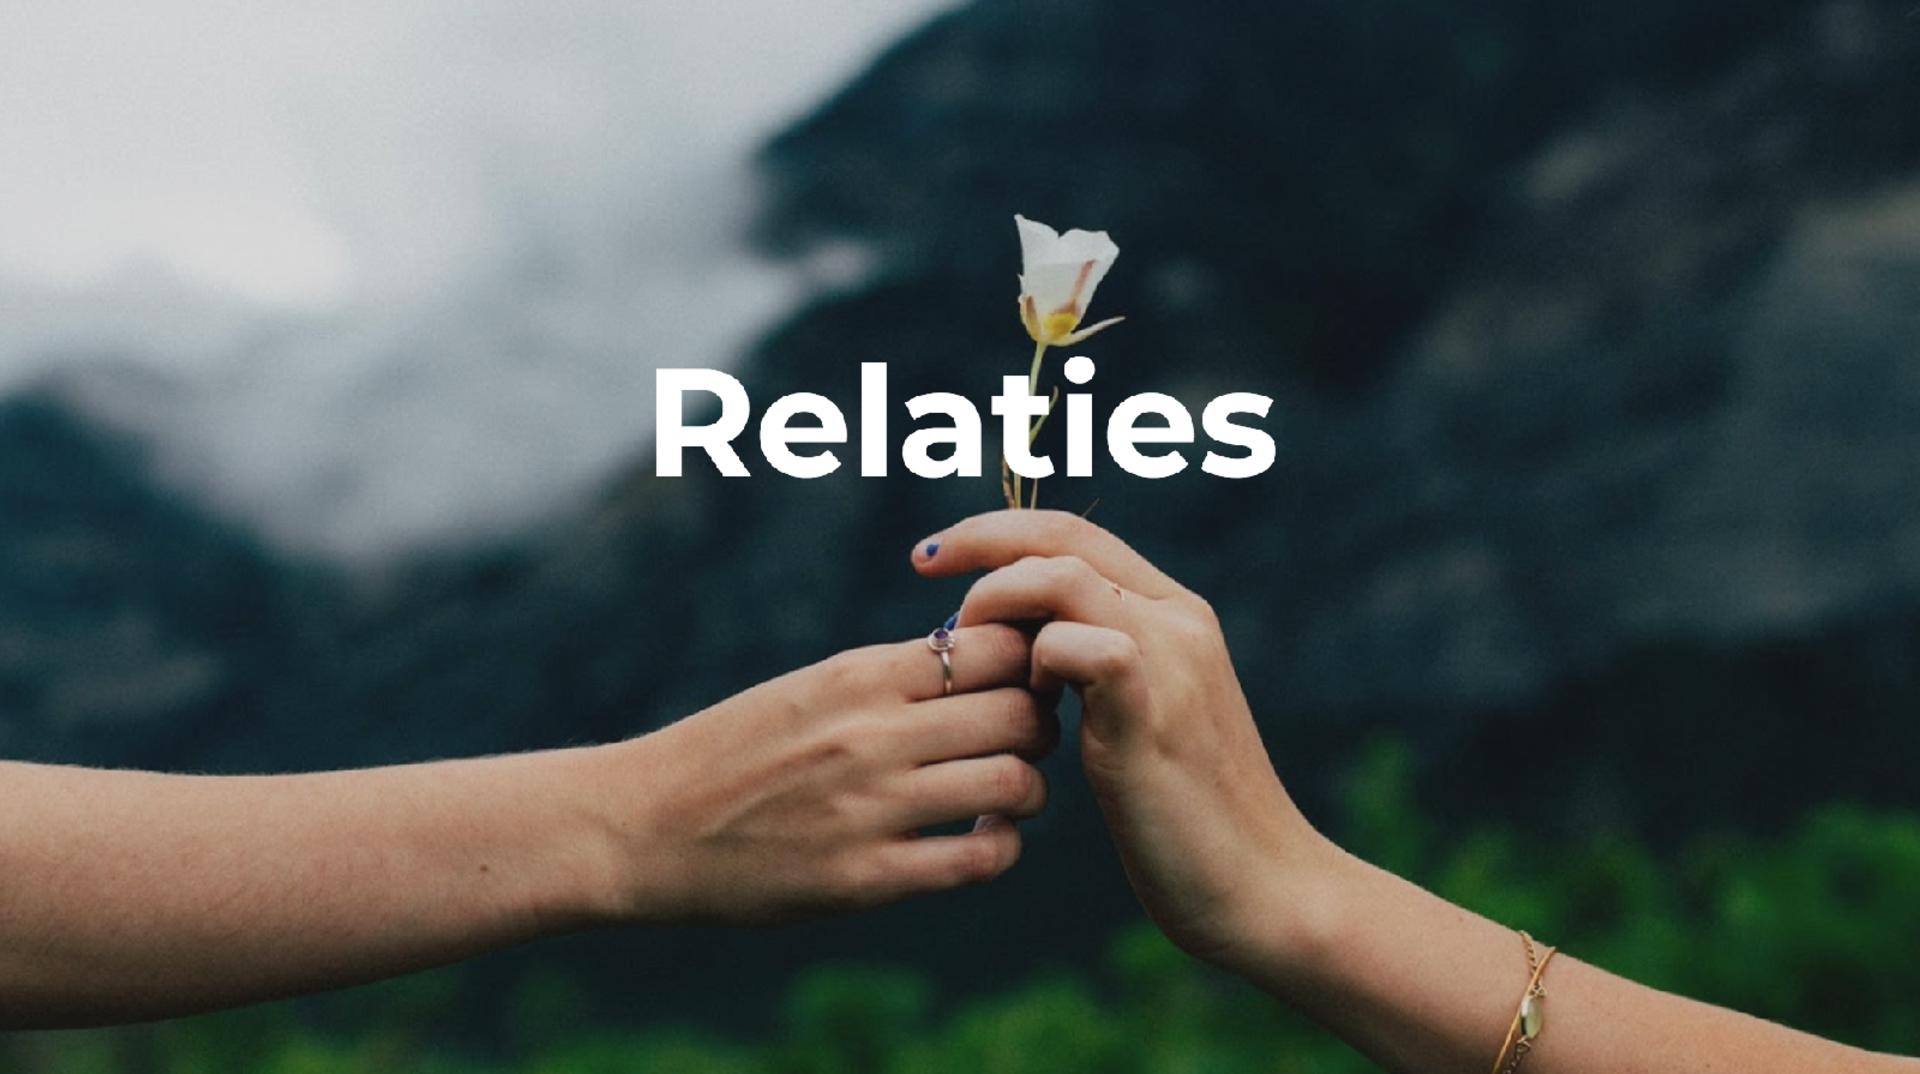 Les relaties